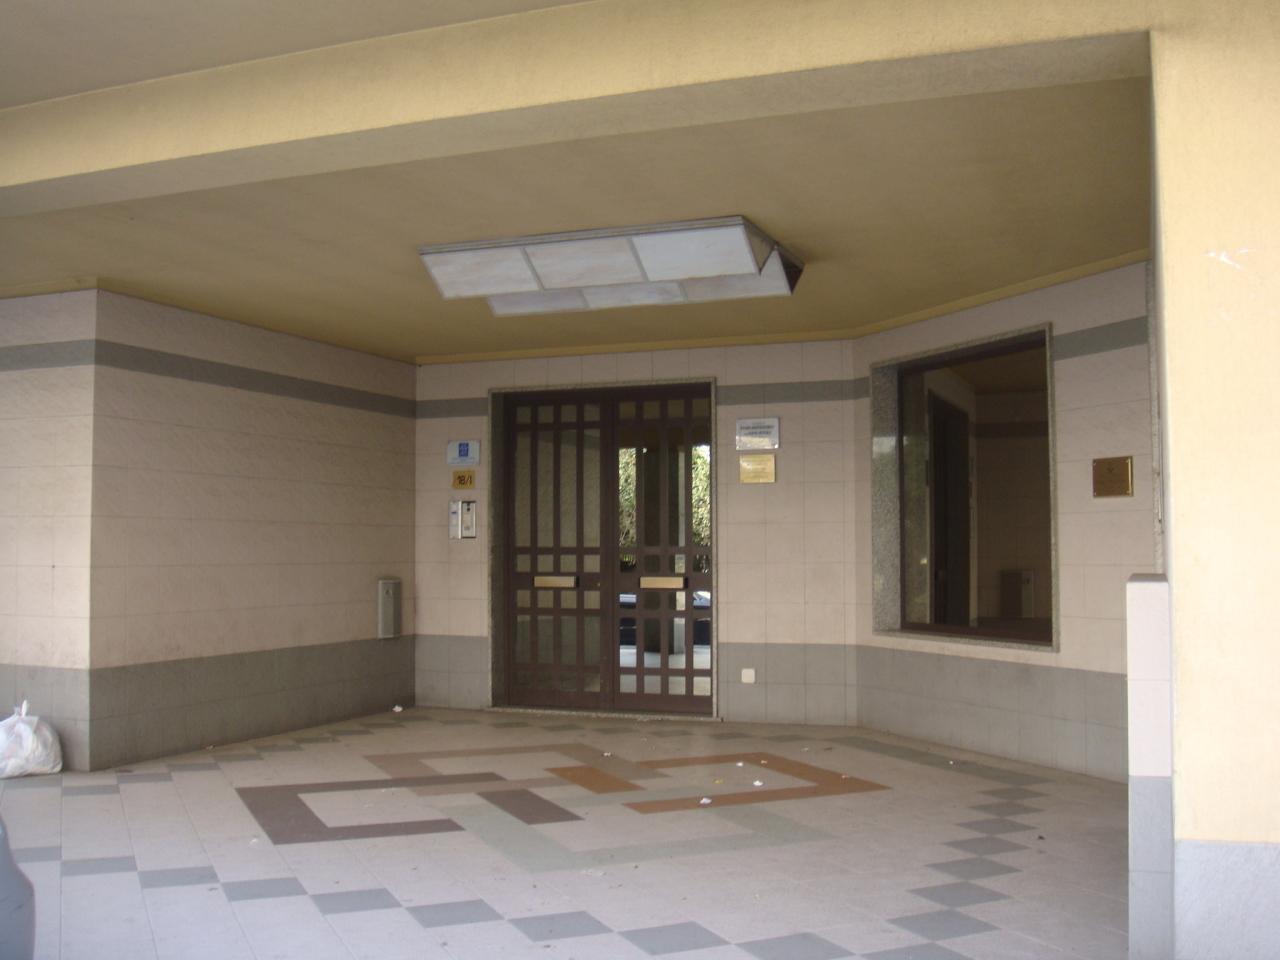 Appartamento in affitto a Reggio Calabria, 13 locali, prezzo € 1.900 | CambioCasa.it